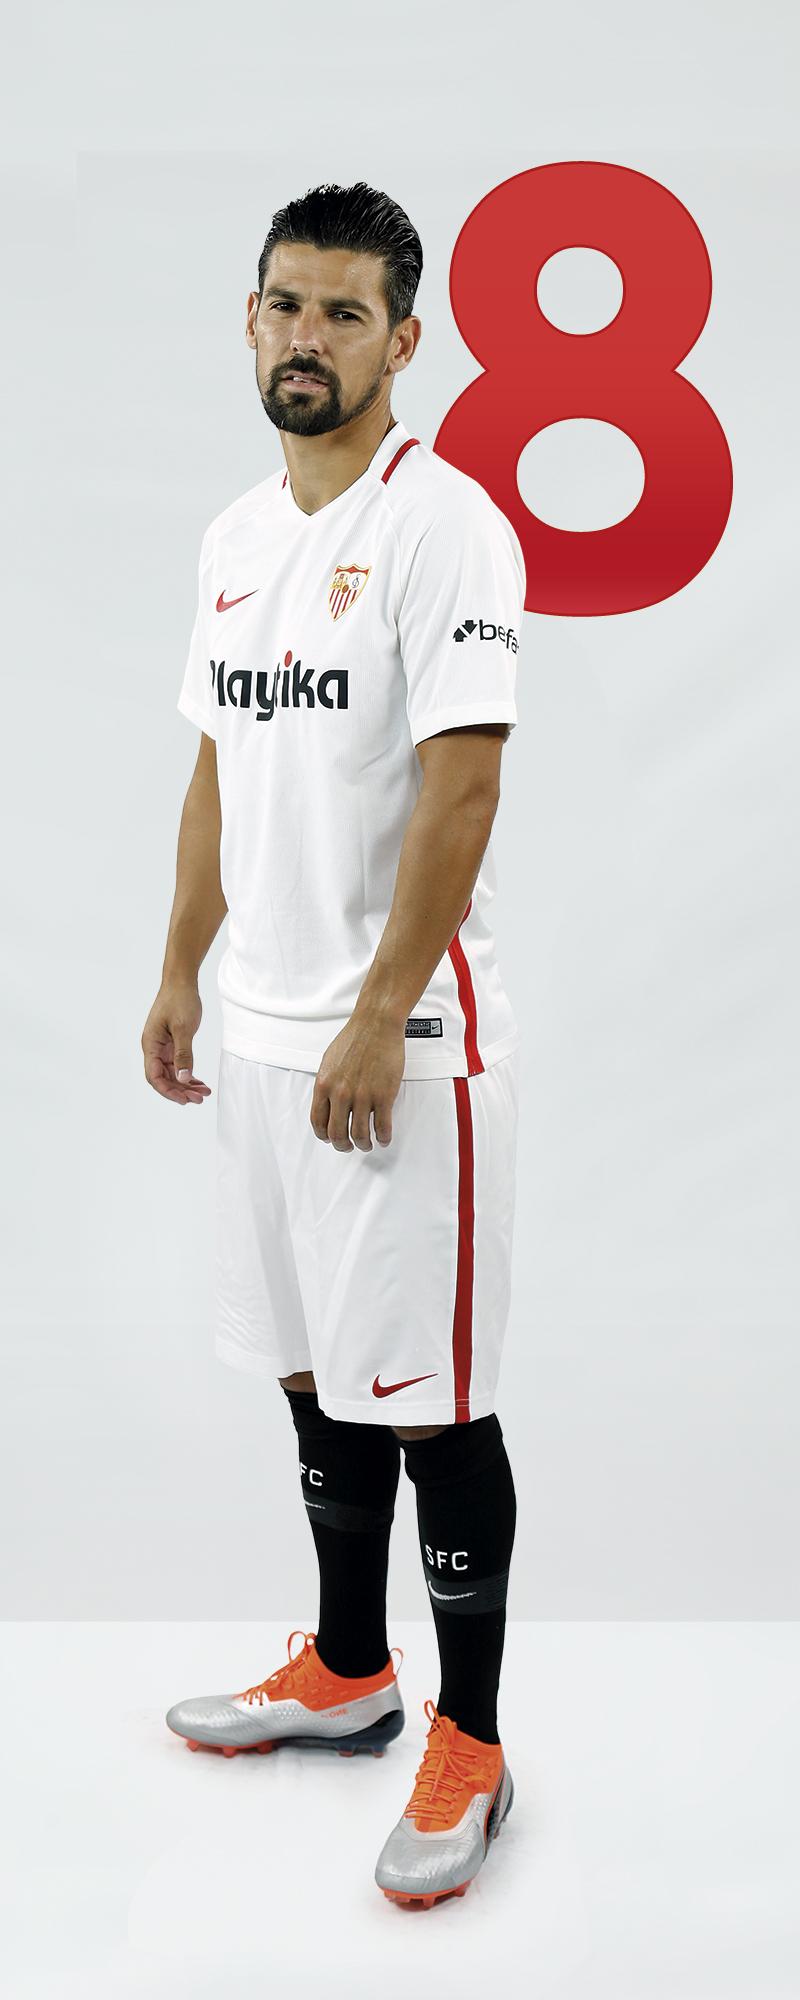 Maillot Domicile Sevilla FC Nolito